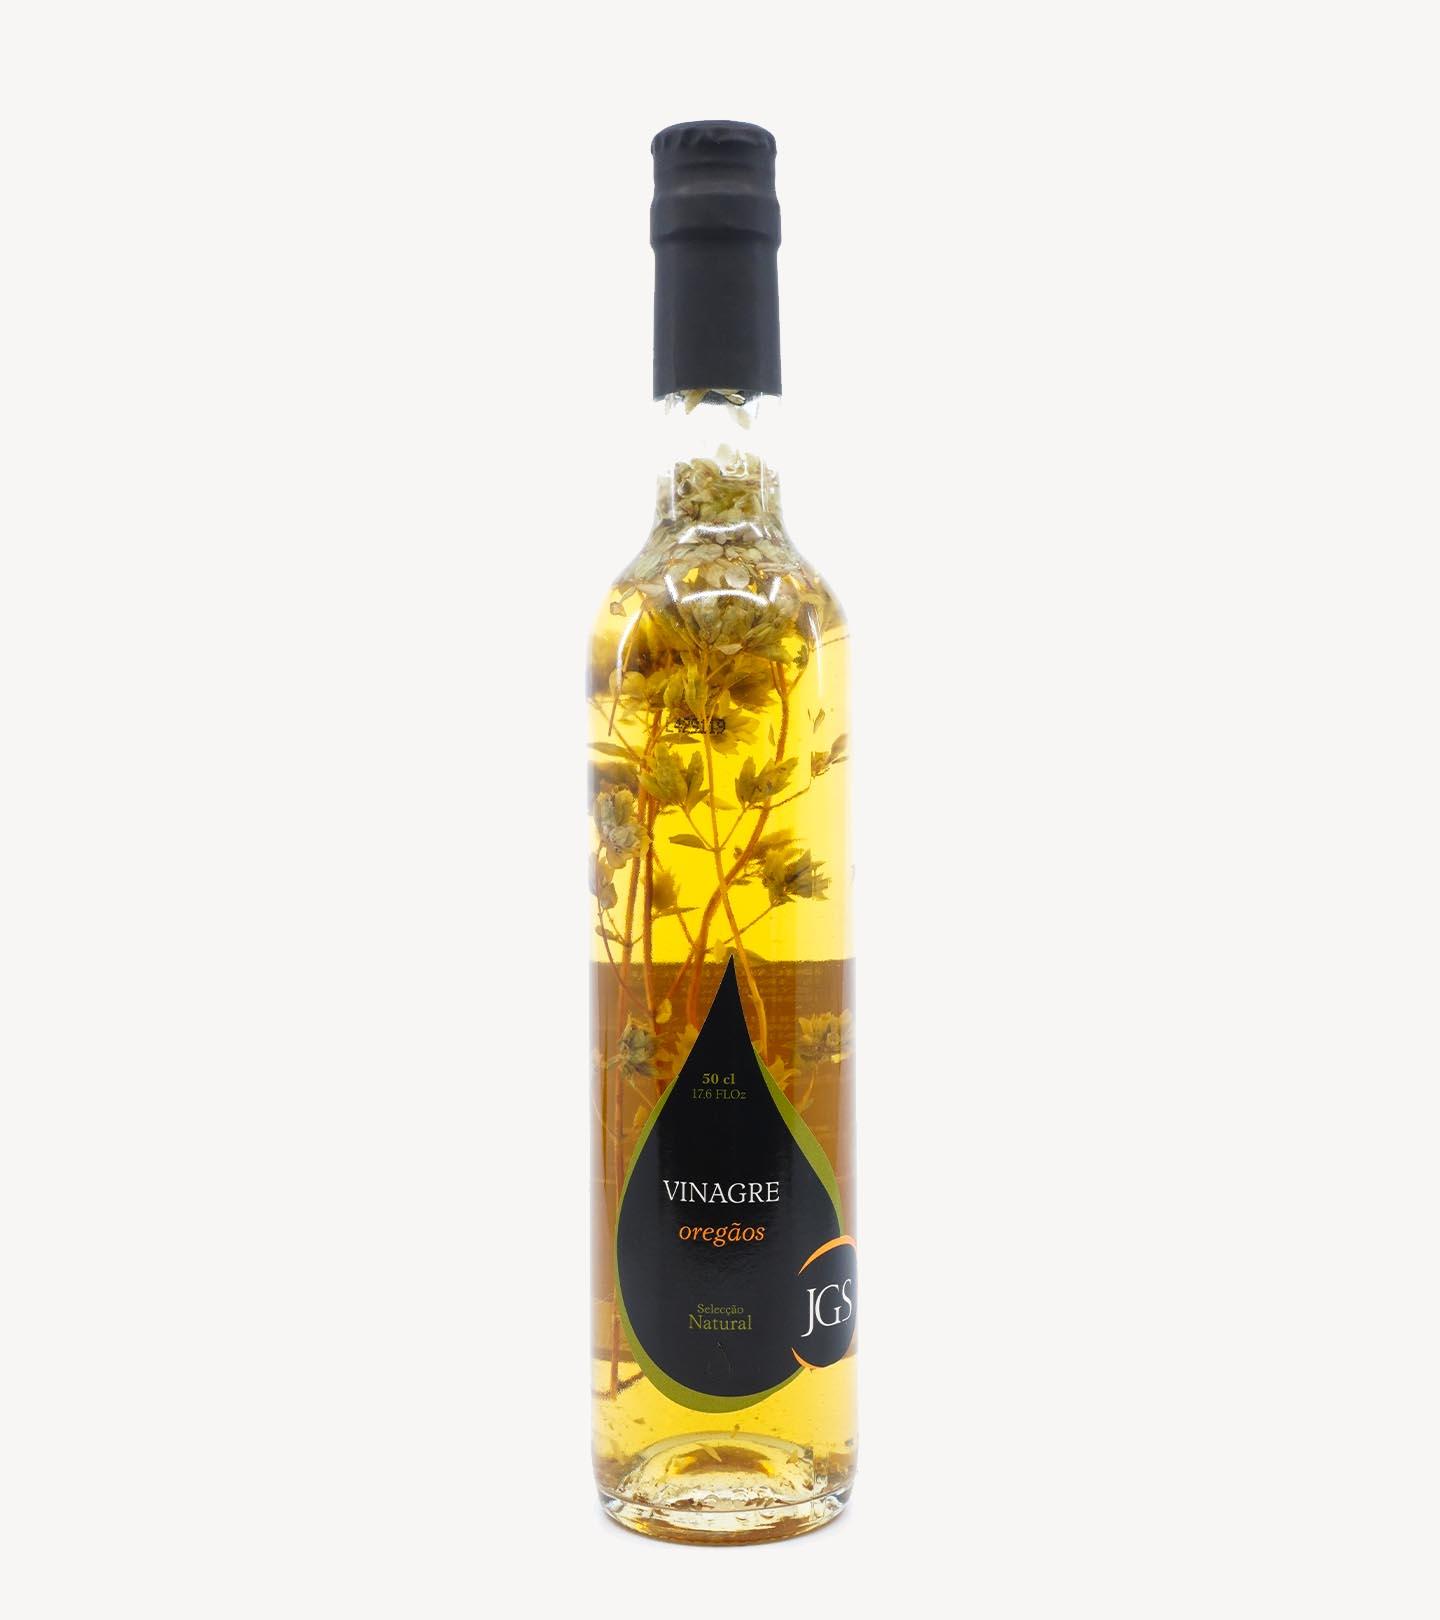 Vinagre c/ Oregãos JGS 50cl